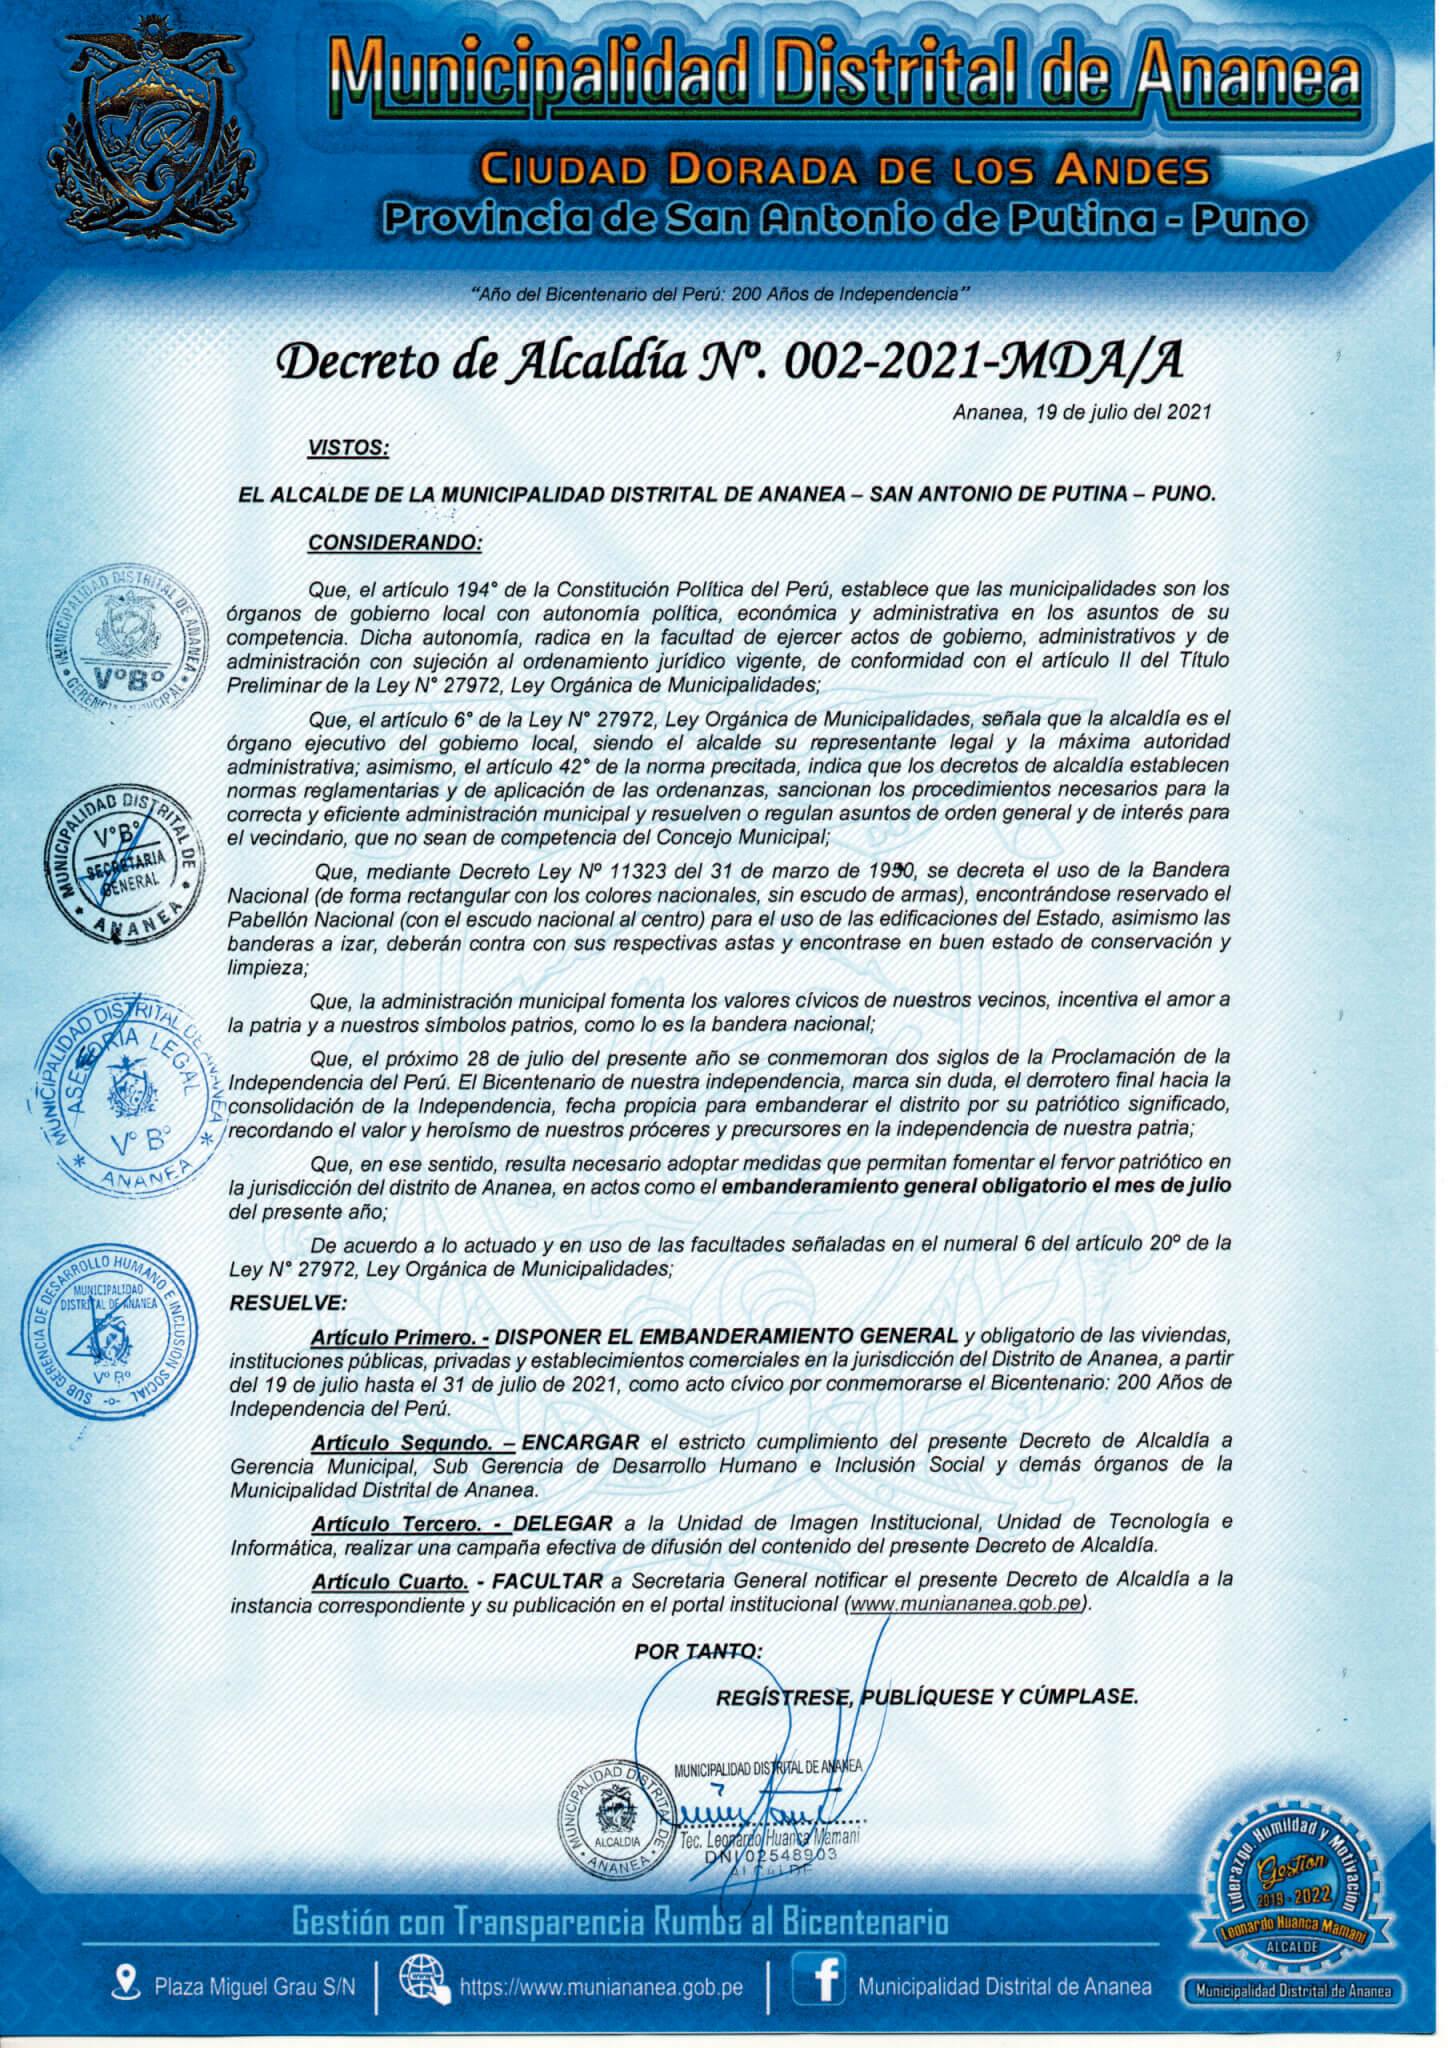 Decreto de Alcaldía Nº 002-2021/MDA/A